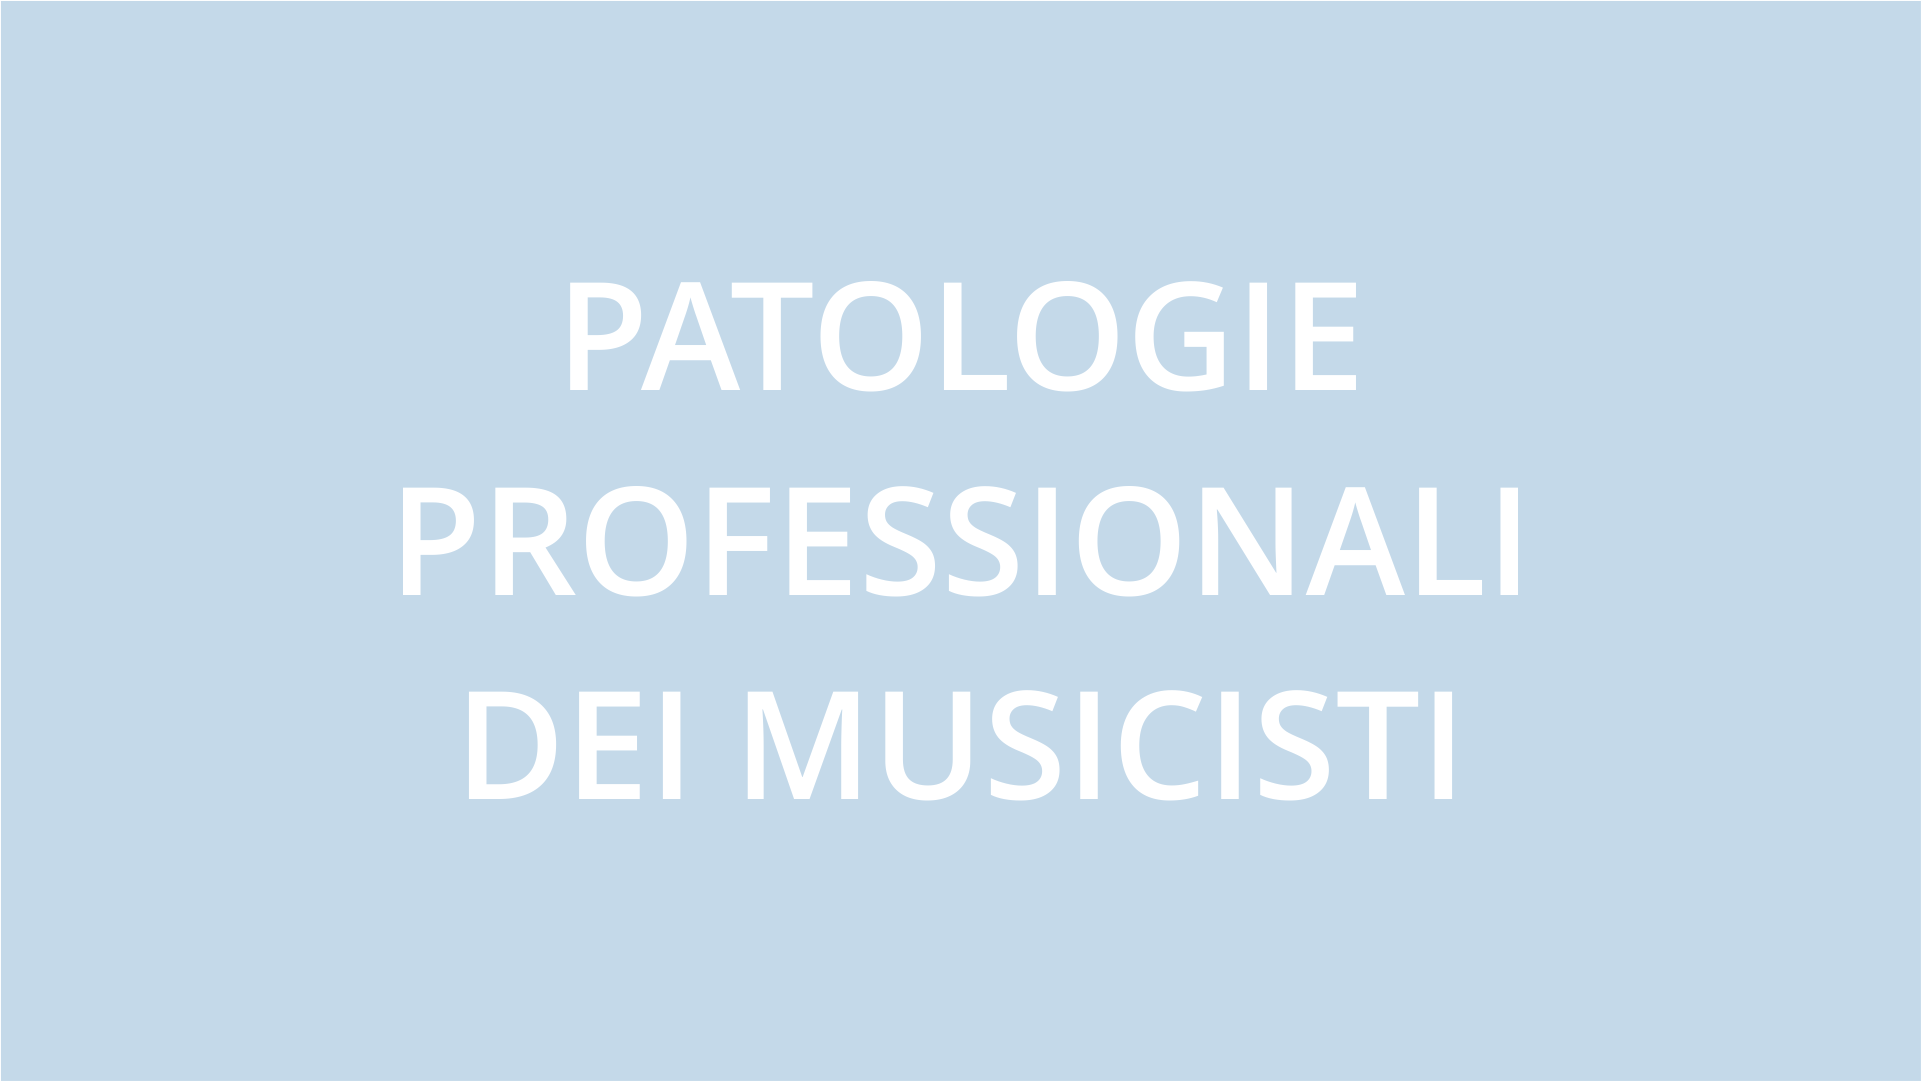 fisioterapia ughetta piacenza - patologie professionali dei musicisti